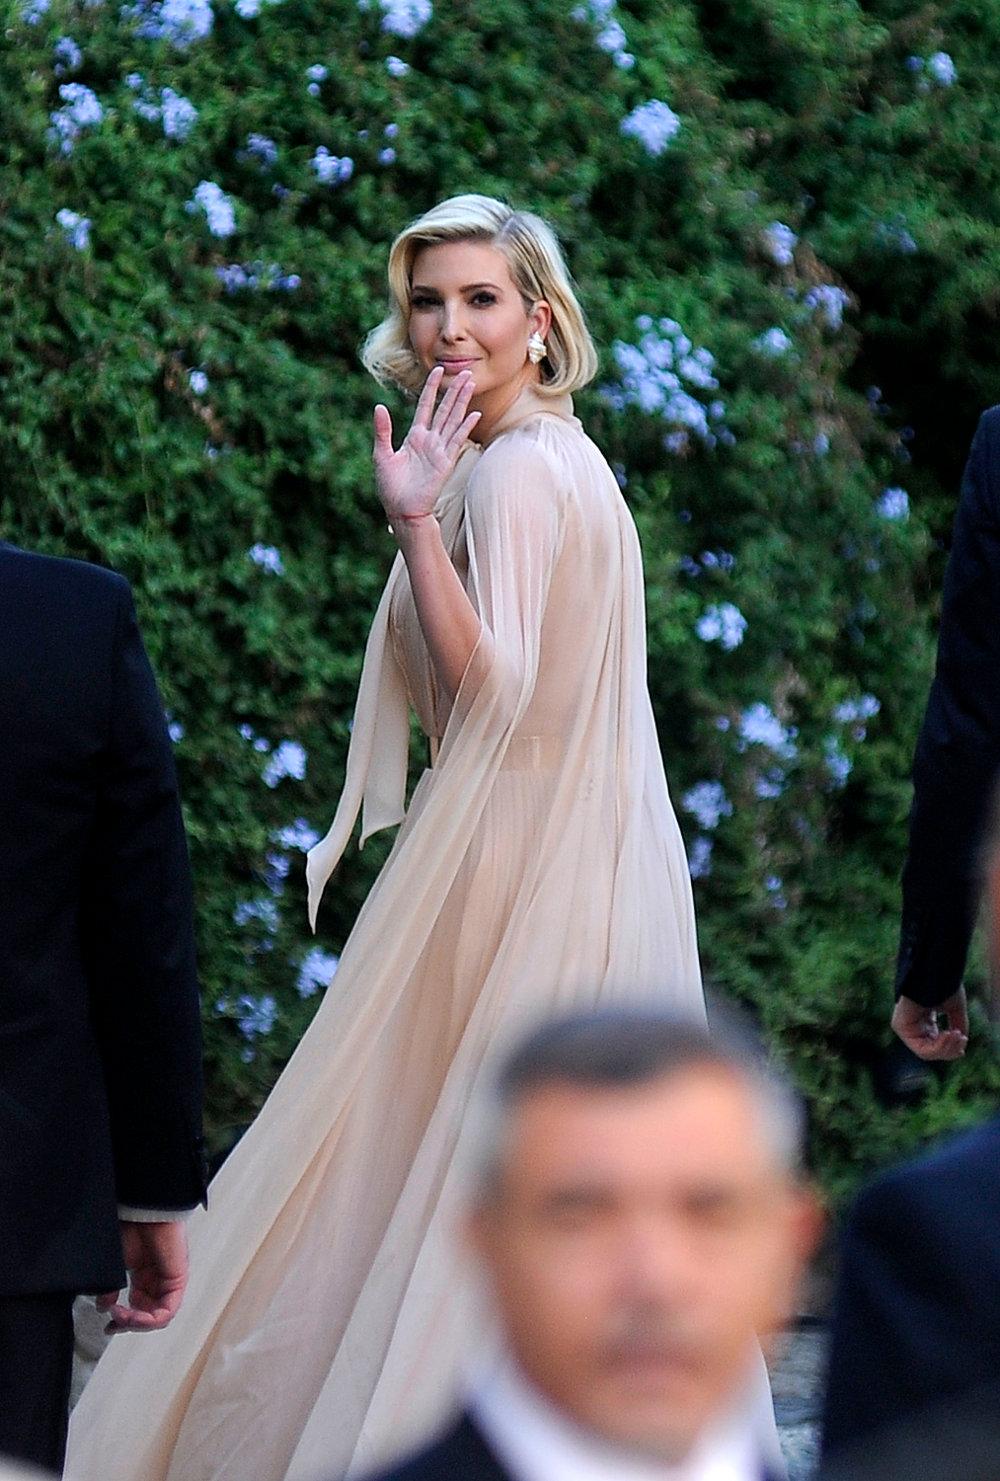 Με αέρινο φόρεμα σε γήινες αποχρώσεις η κόρη του Αμερικανού προέδρου Ιβάνκα Τραμπ στον γάμο της Μίσα Νούνου στη Ρώμη